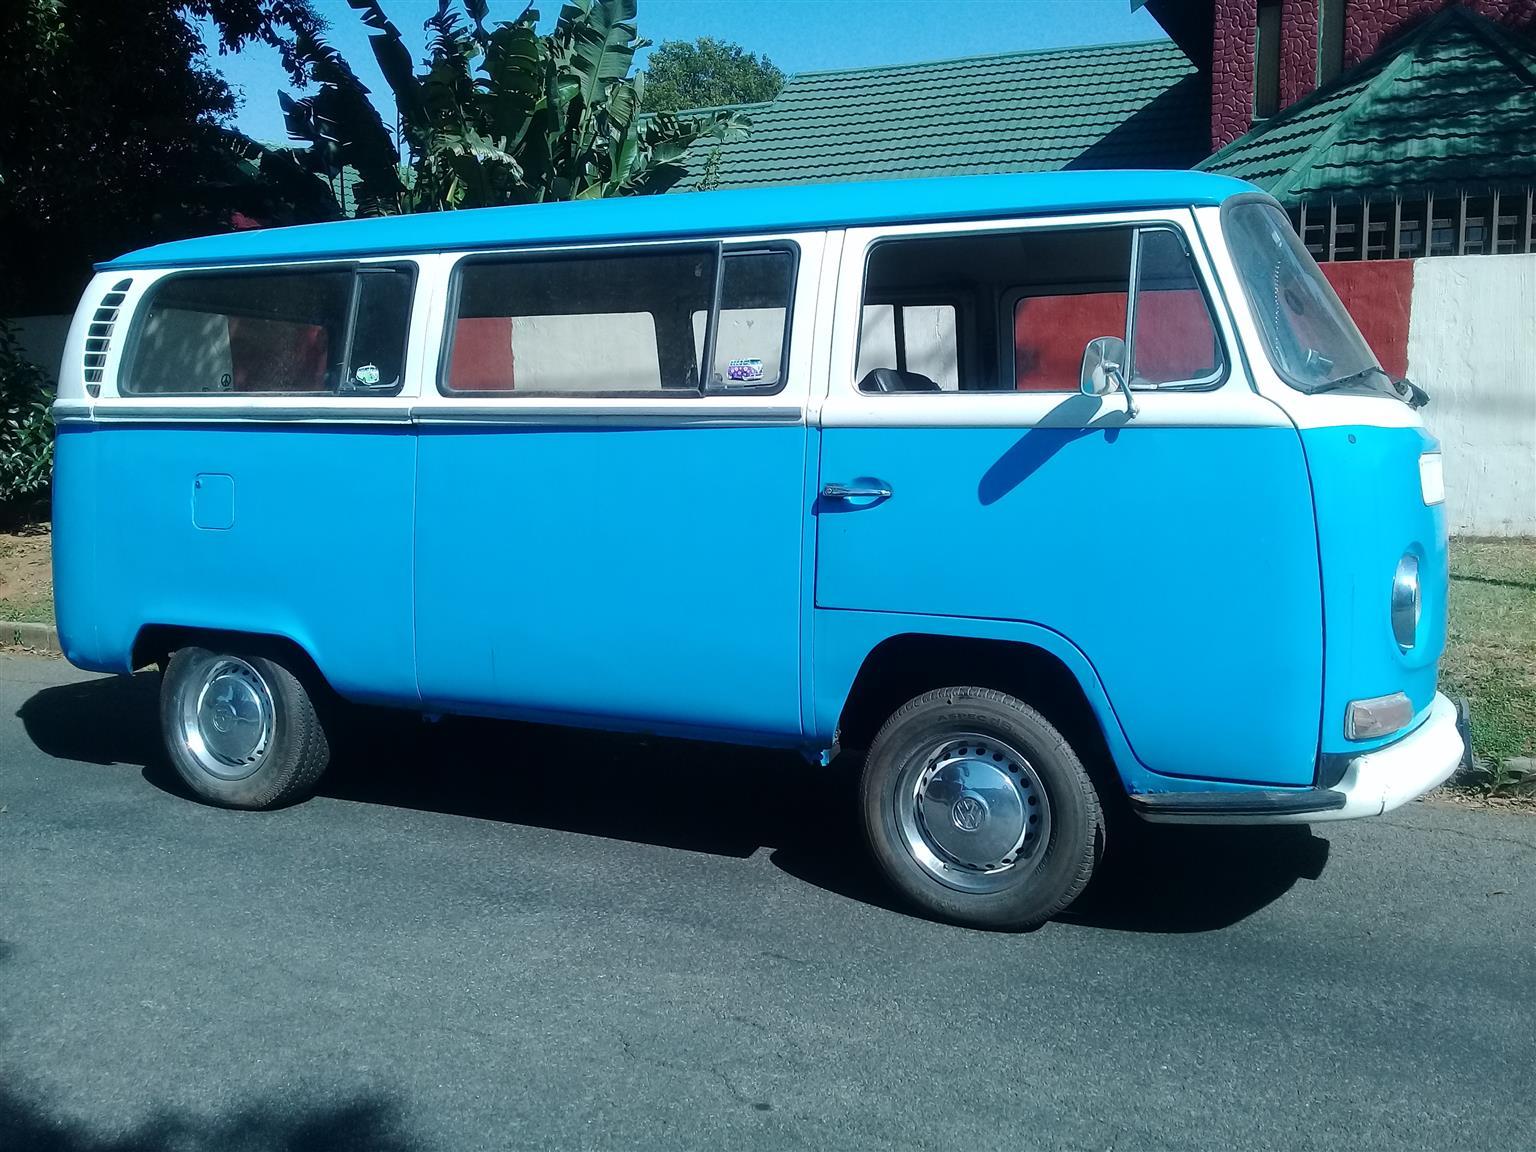 VW Kombi 1970 Bay Window Low Light